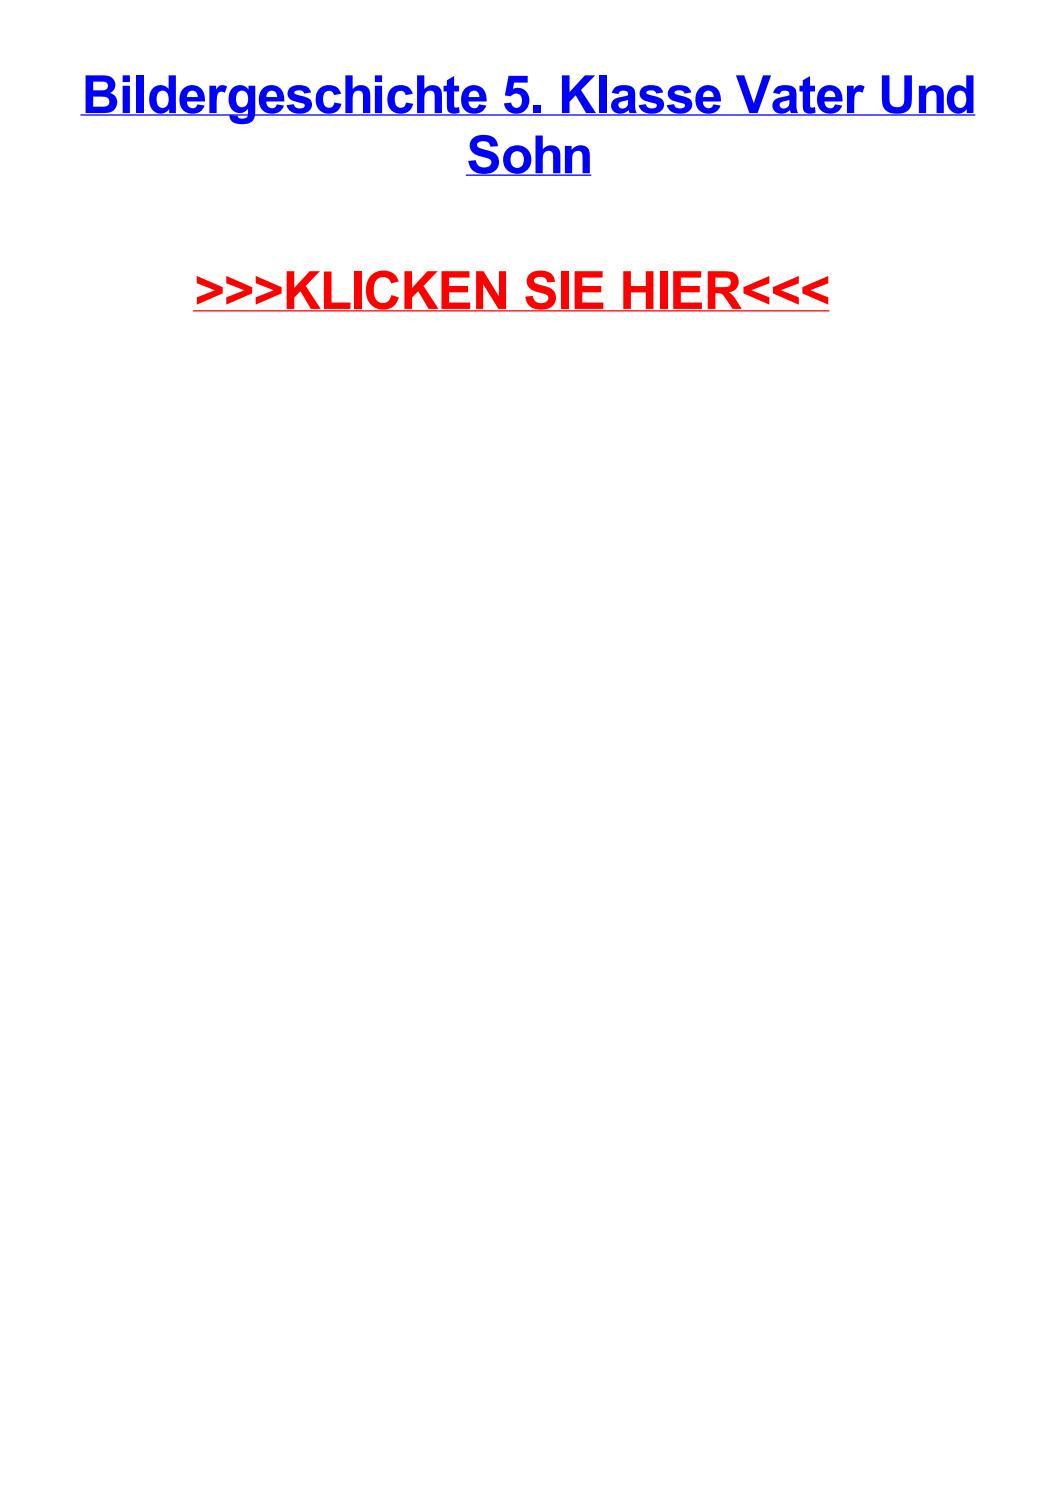 Bildergeschichte 5 klasse vater und sohn by brentfcqw - issuu